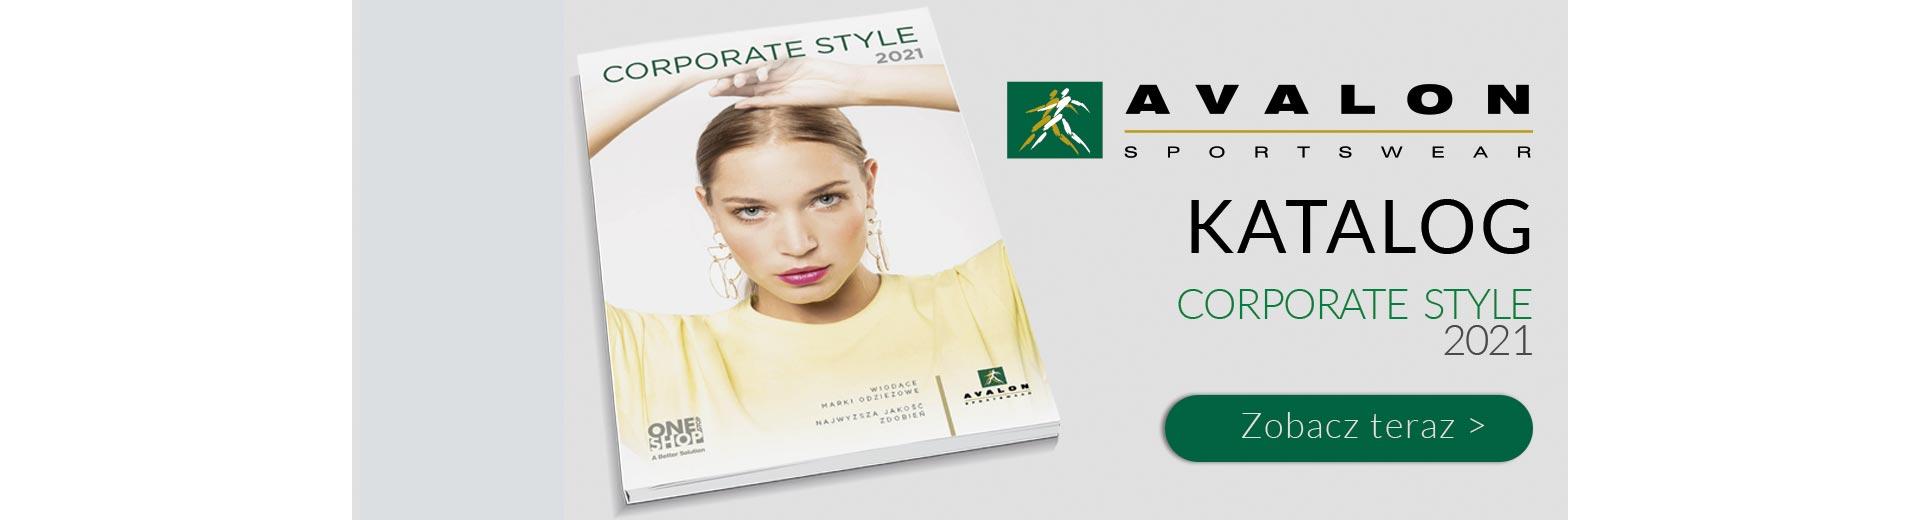 Avalon Katalog